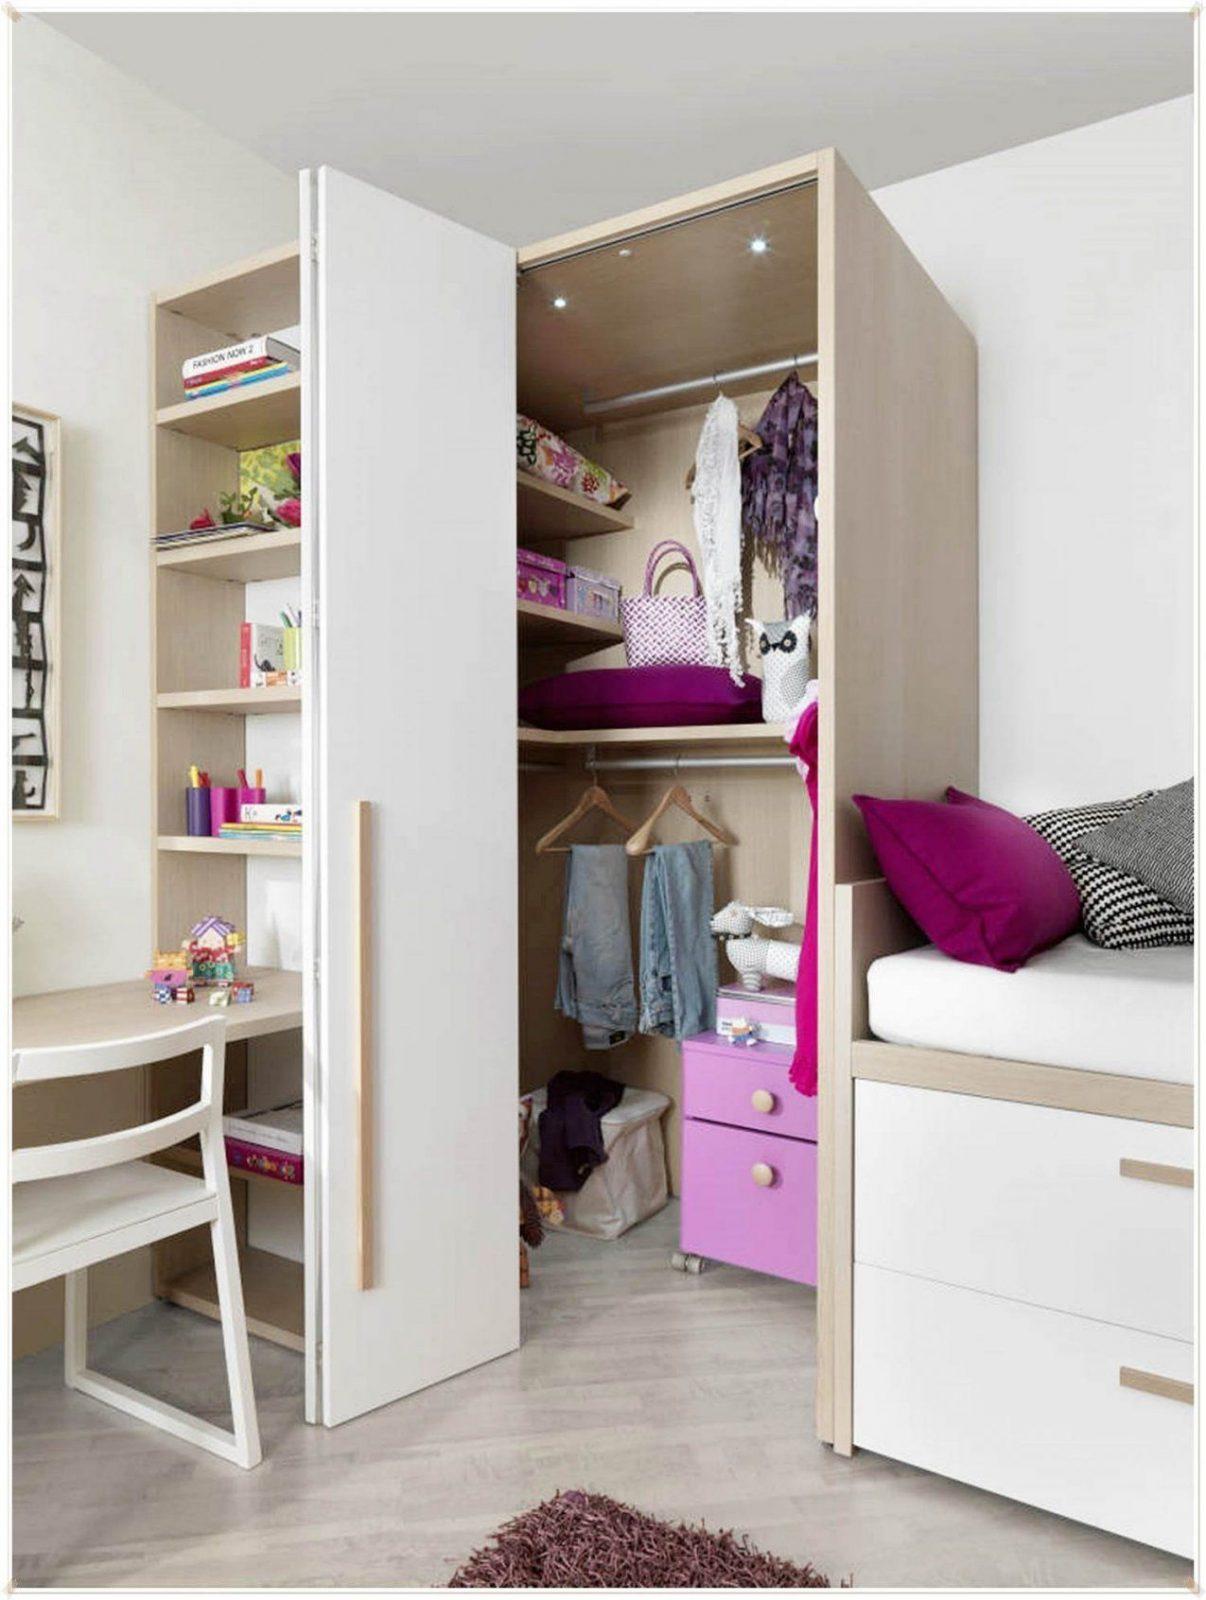 Begehbarer Kleiderschrank Dachschräge Reizend Dekoration Über von Begehbarer Kleiderschrank Dachschräge Ikea Bild